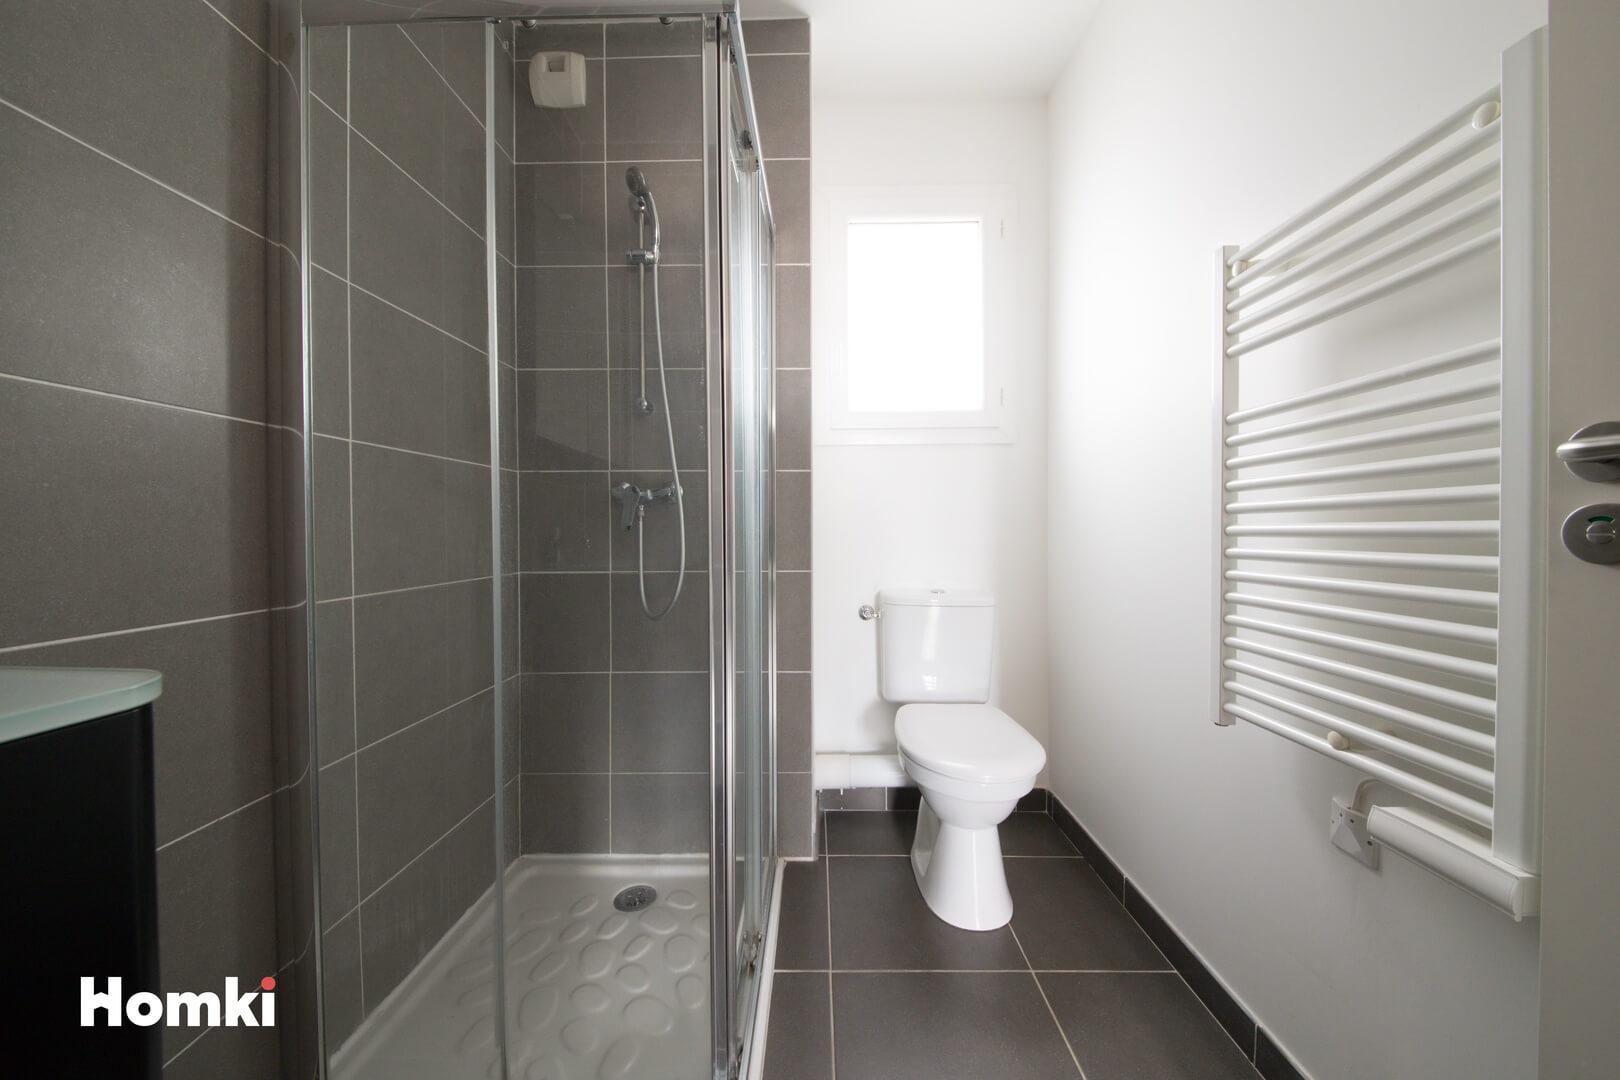 Homki - Vente Maison/villa  de 52.0 m² à Pélissanne 13330